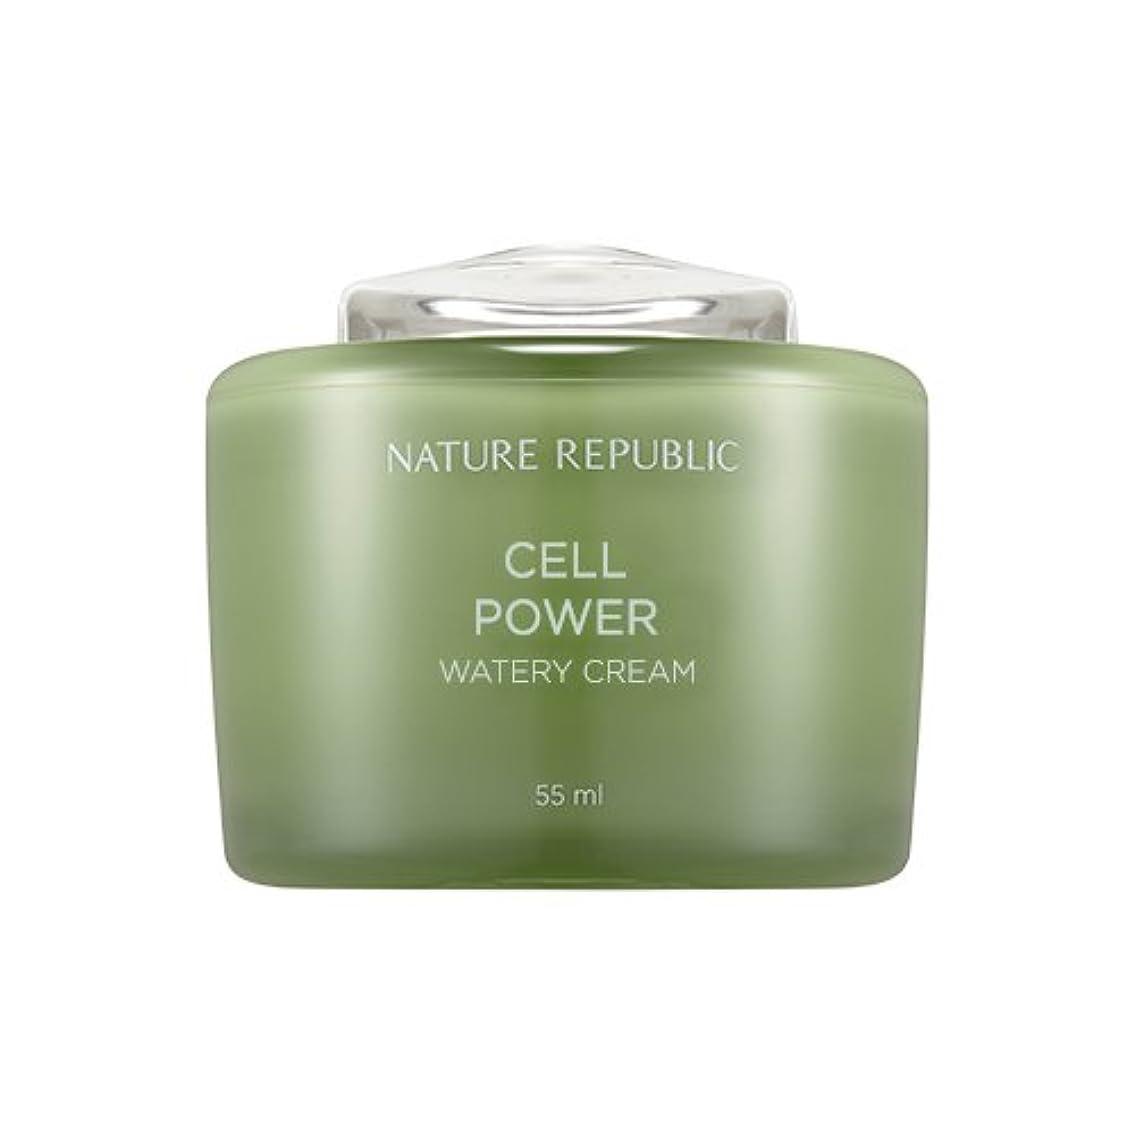 パンフレット姪運動Nature Republic Cell Boosting Watery Cream 55ml / ネイチャーリパブリックセルブースティングウォーターリークリーム 55ml [並行輸入品]